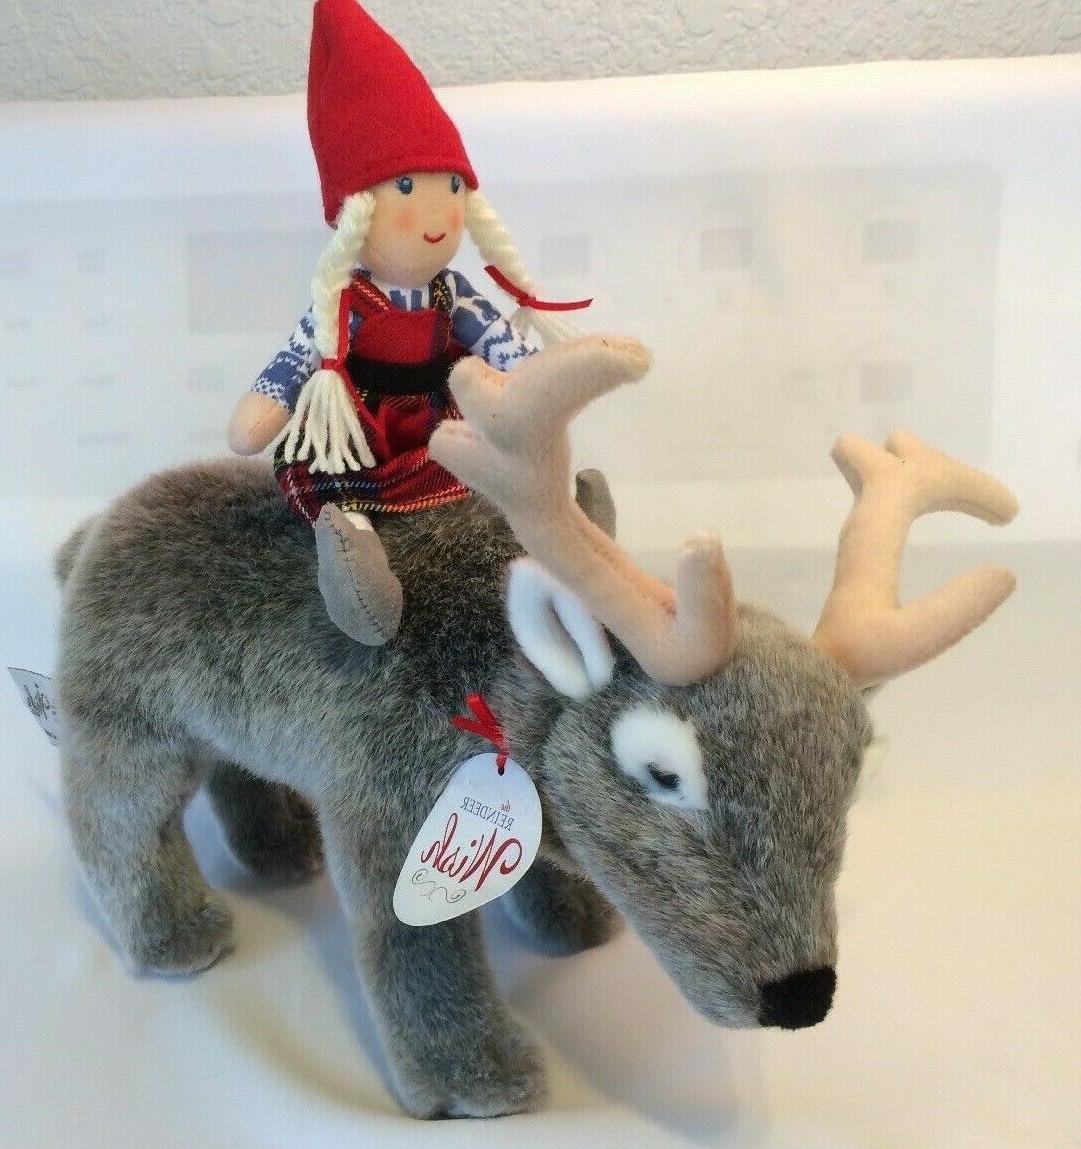 christmas the reindeer wish and anja plush